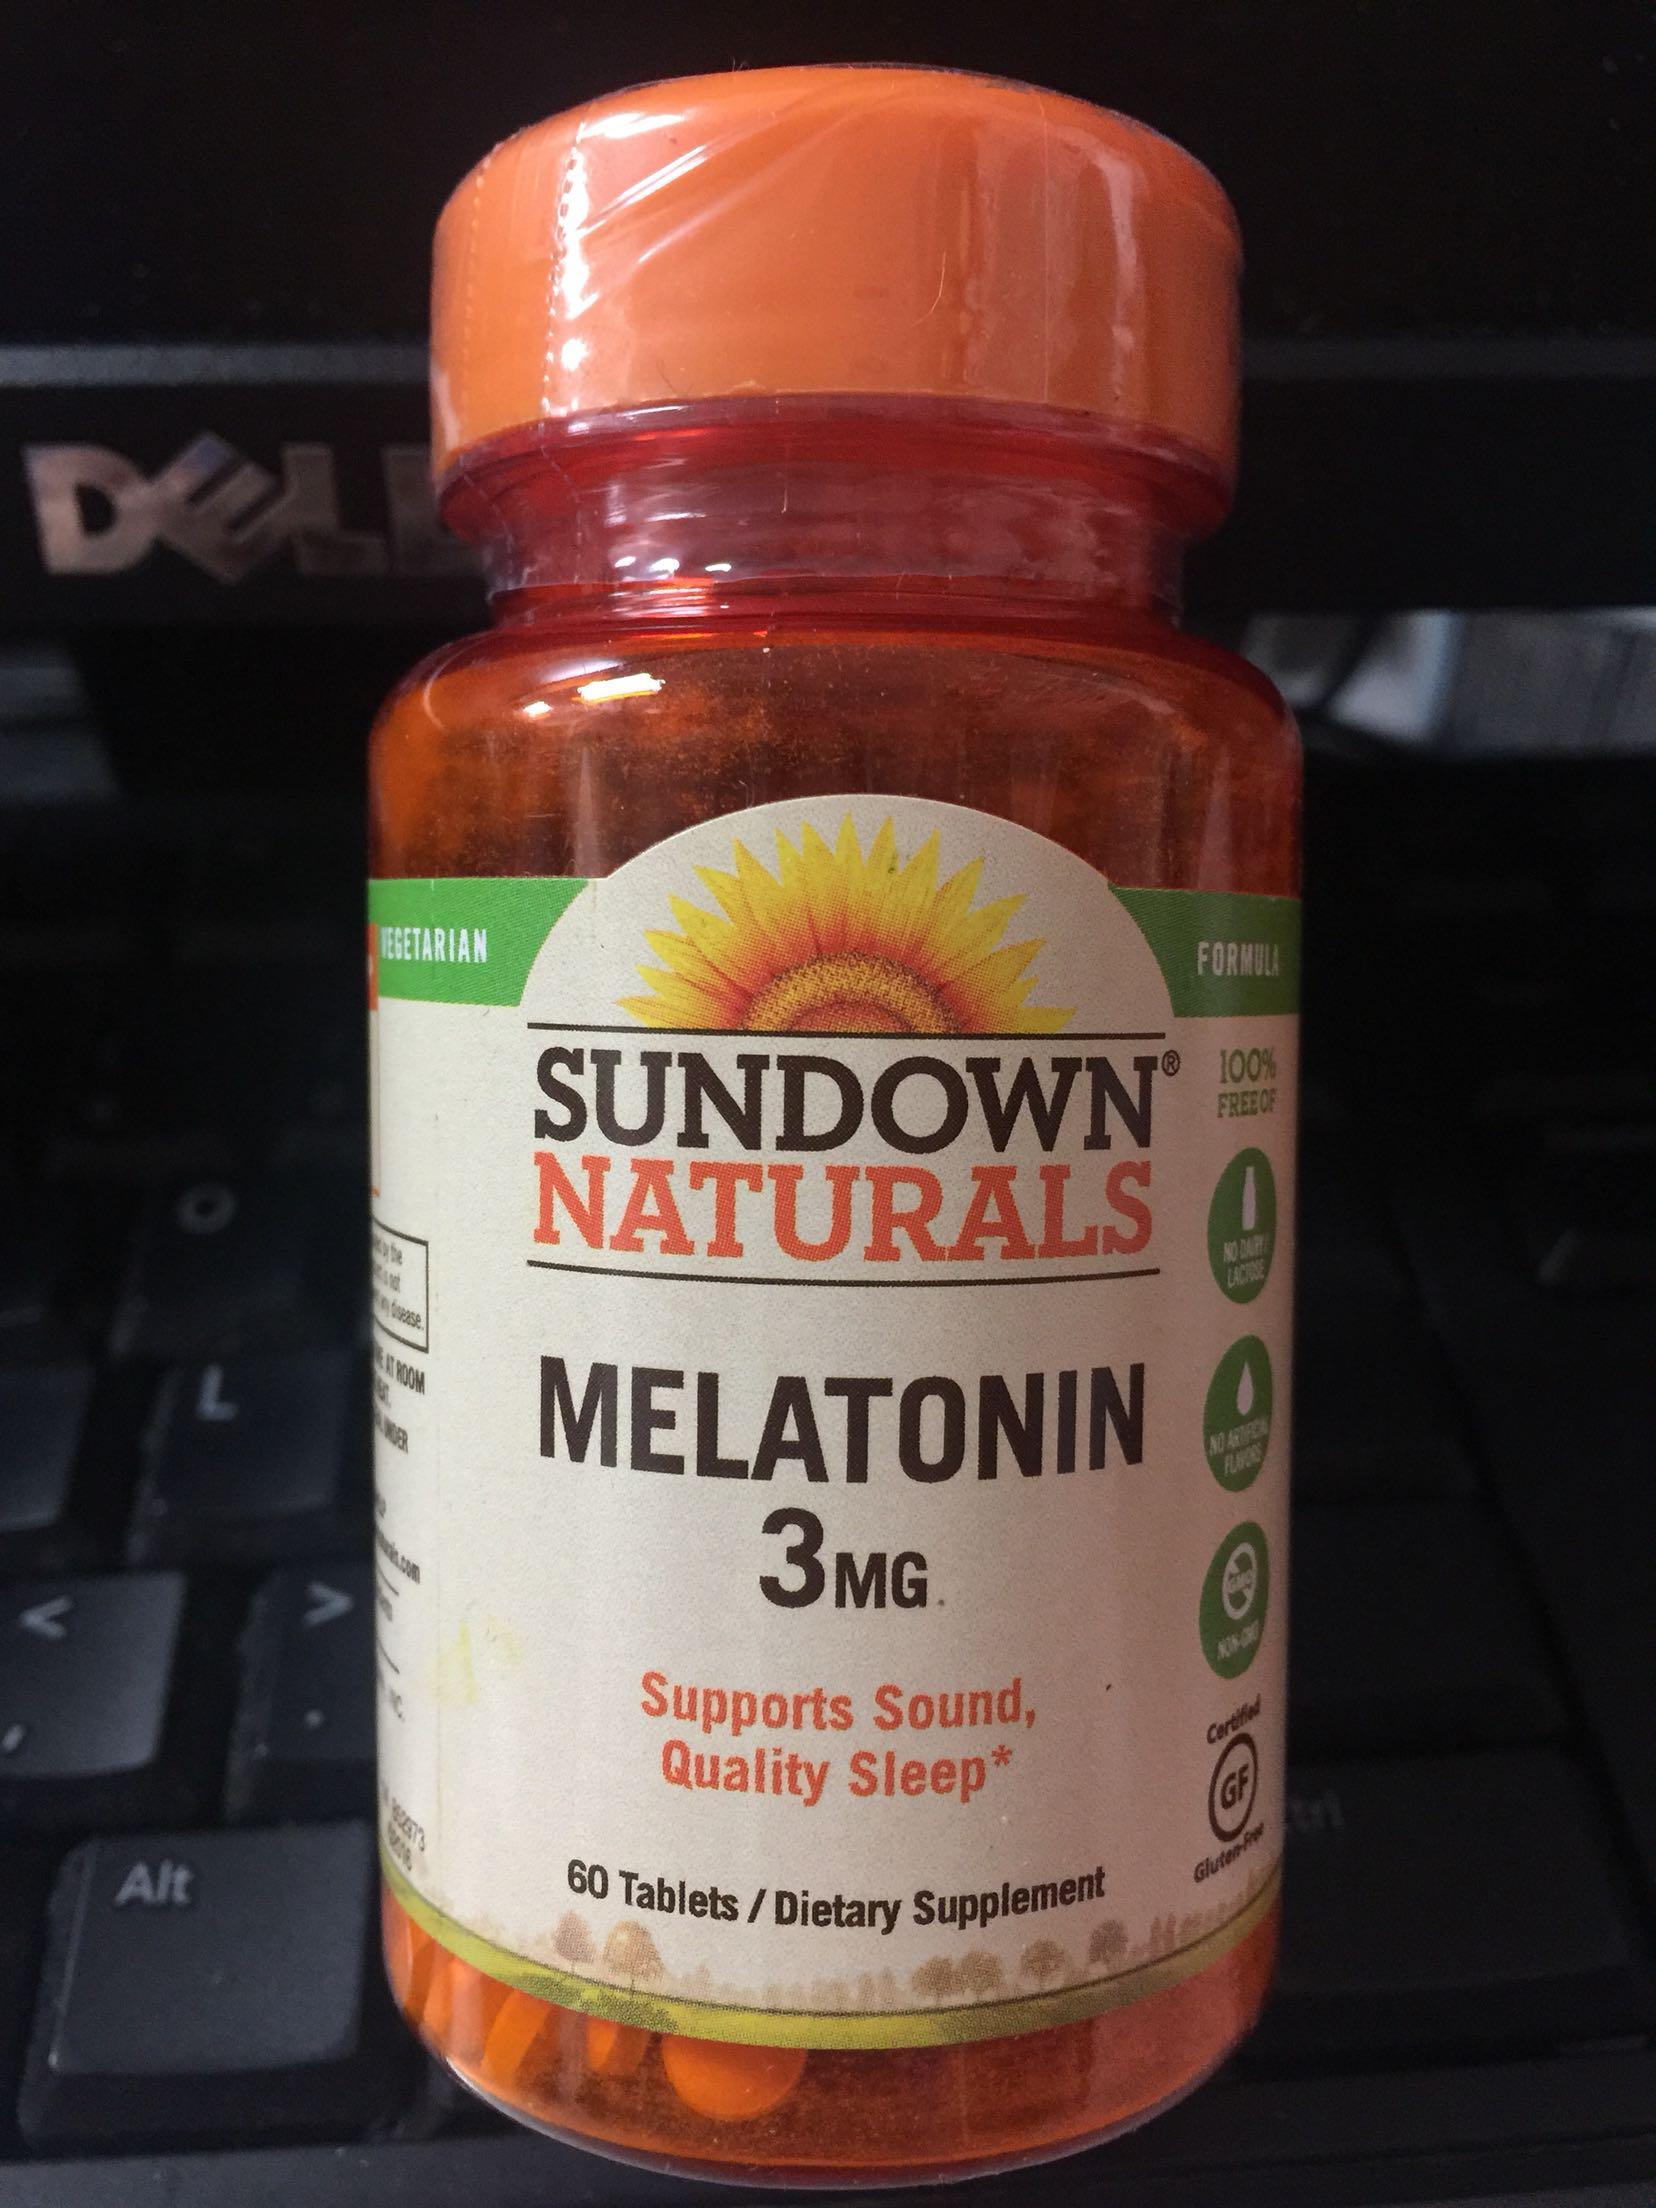 Mia美国 Sundown naturals Melatonin褪黑素 3Mg 60粒